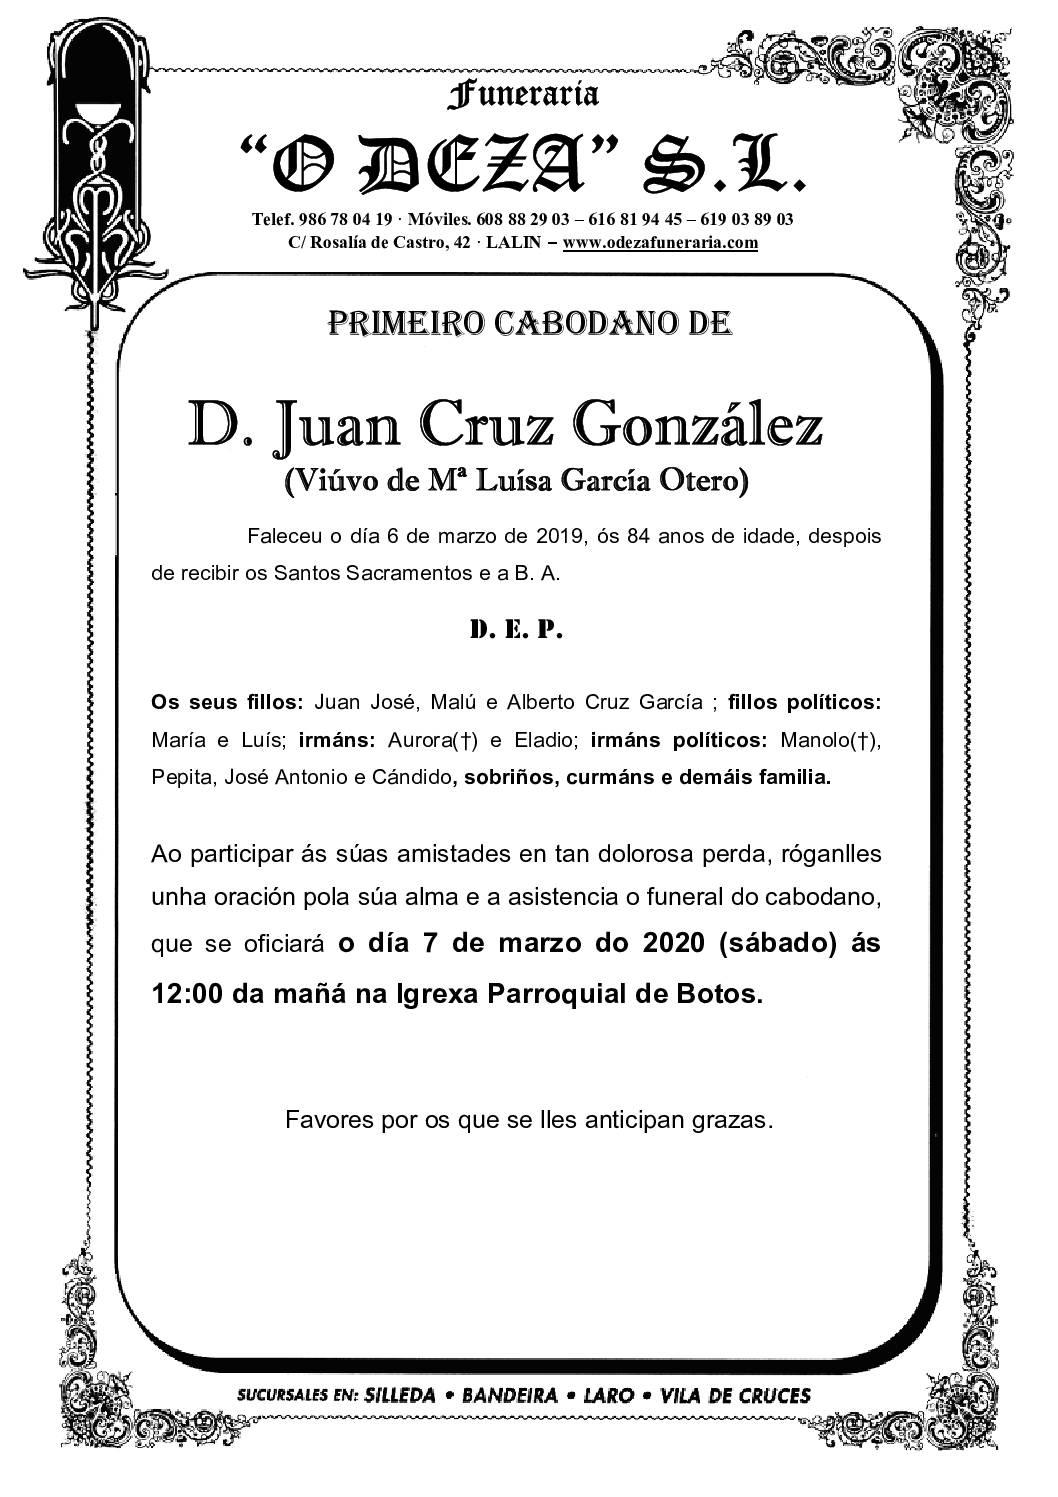 D. JUAN CRUZ GONZÁLEZ